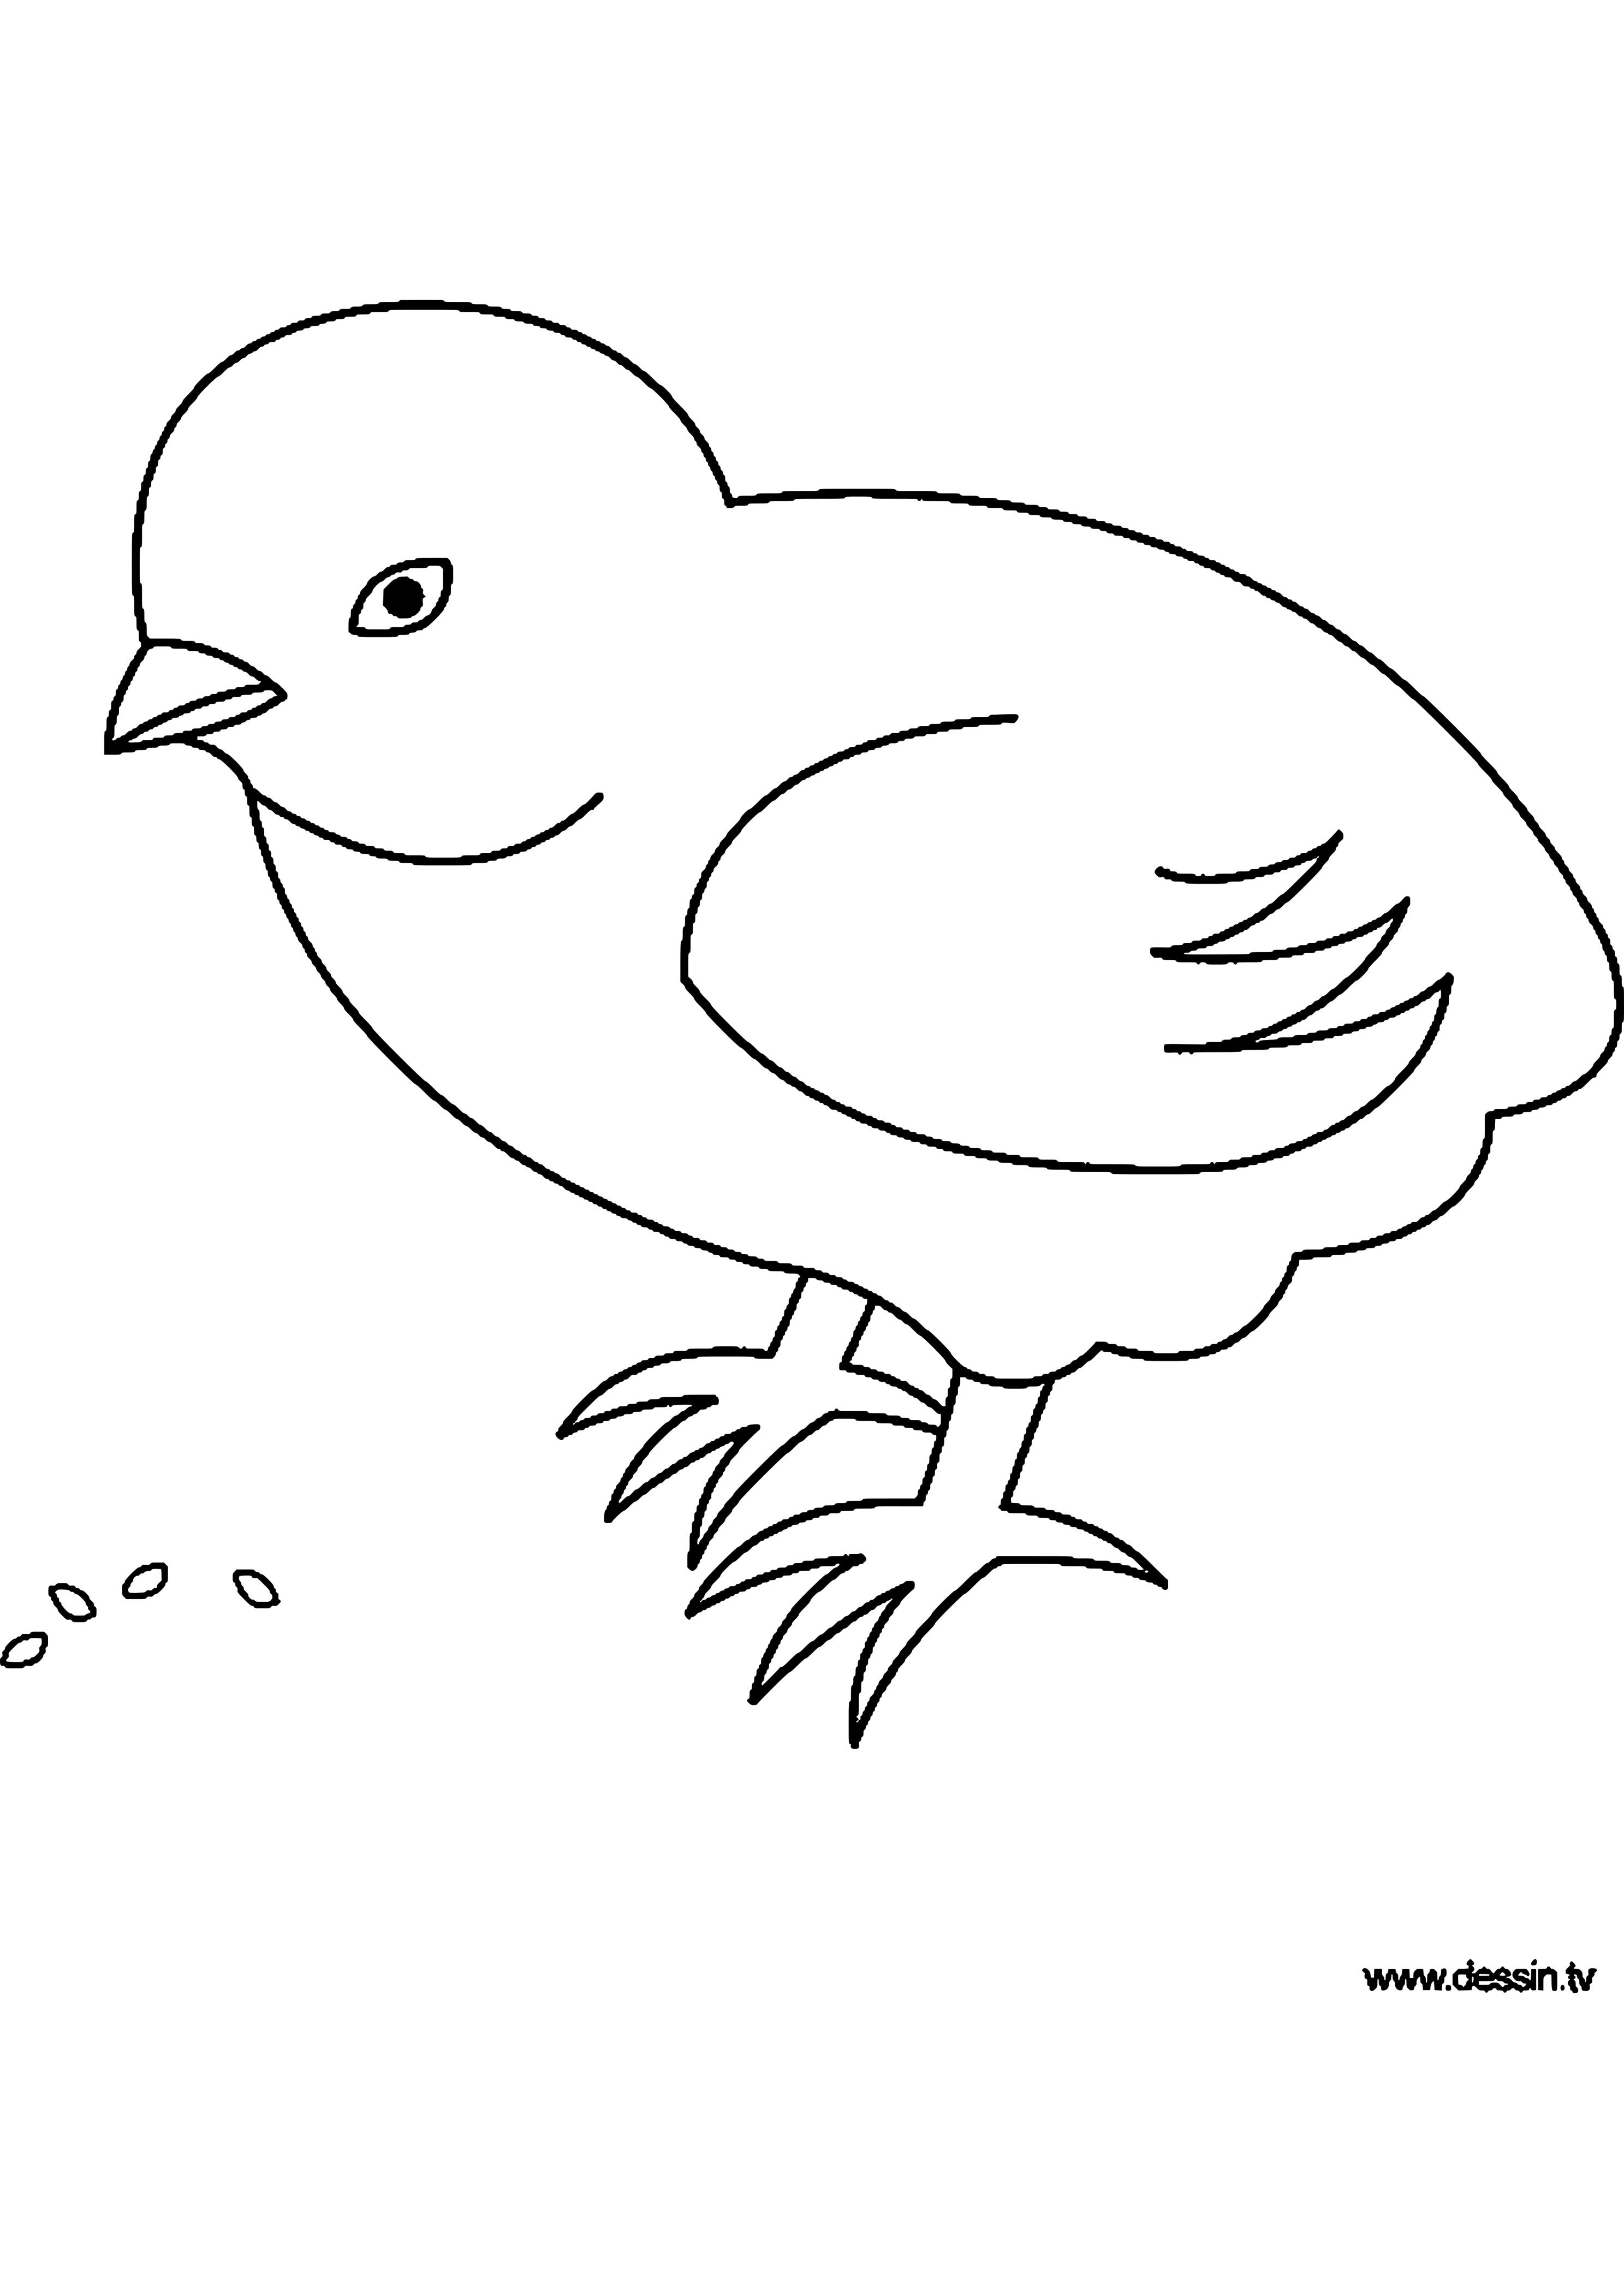 Bemerkenswert Vogel Ausmalbild Ideen Von Pin Von Anke Auf Malvorlagen | Inspiration